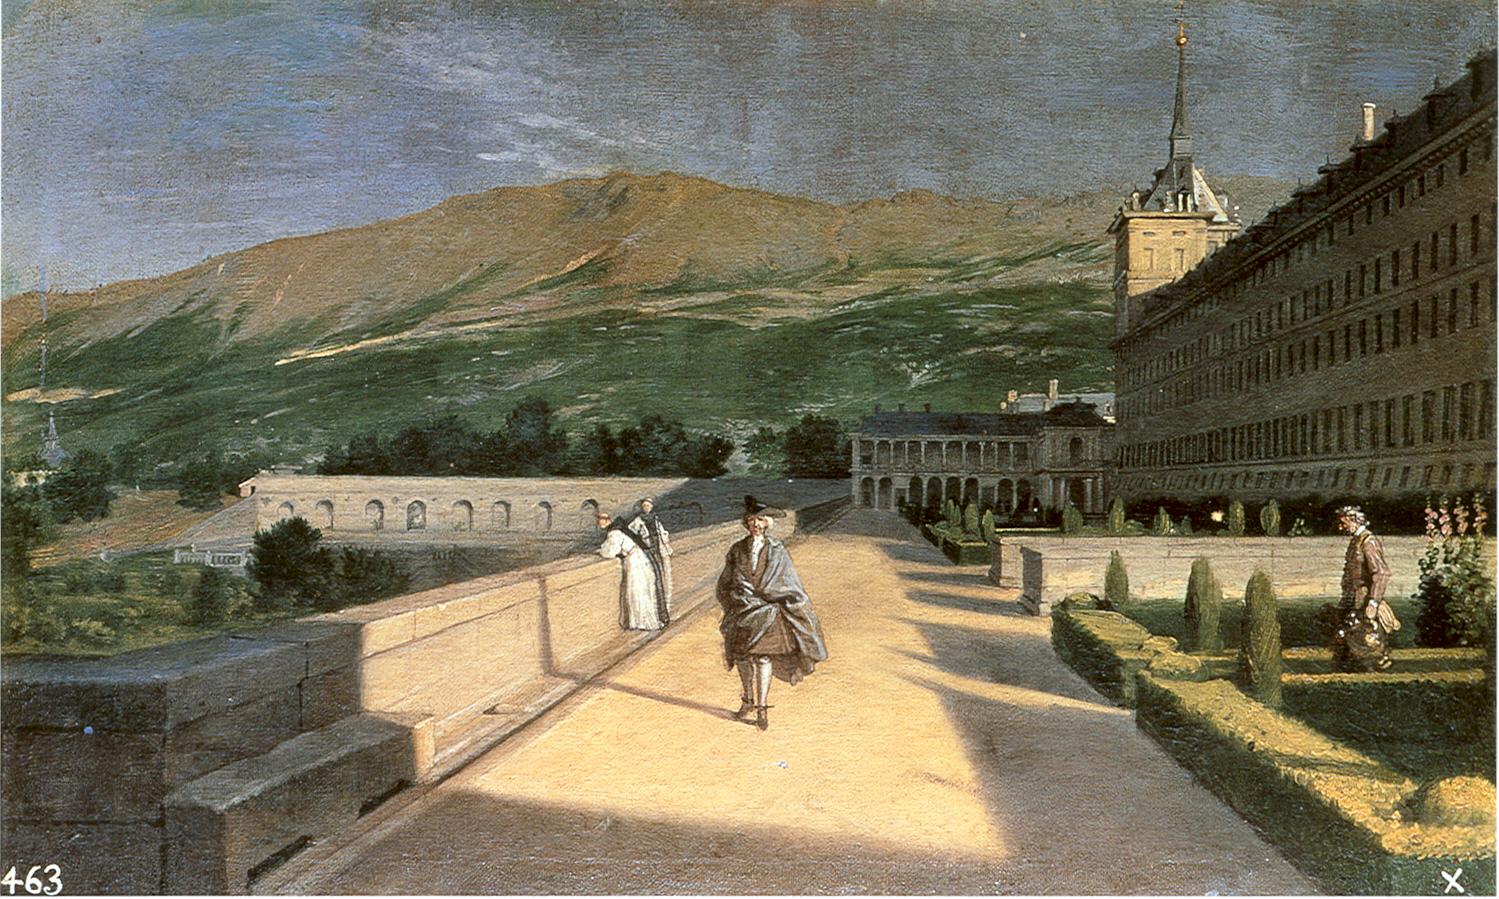 El entorno natural del Monasterio de El Escorial modelado por el hombre: Lonja, jardines y huertas